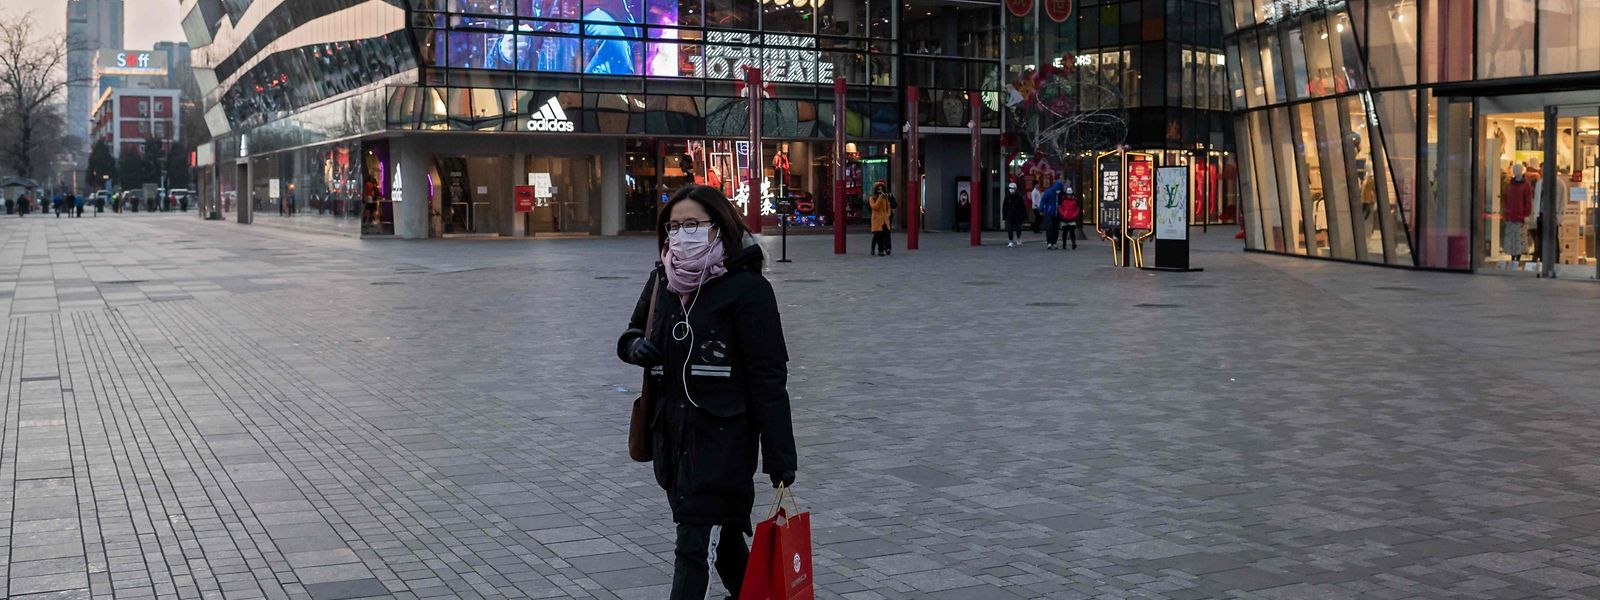 Wegen der Gesundheitskrise durch das Corona-Virus gleicht Peking einer Geisterstadt.